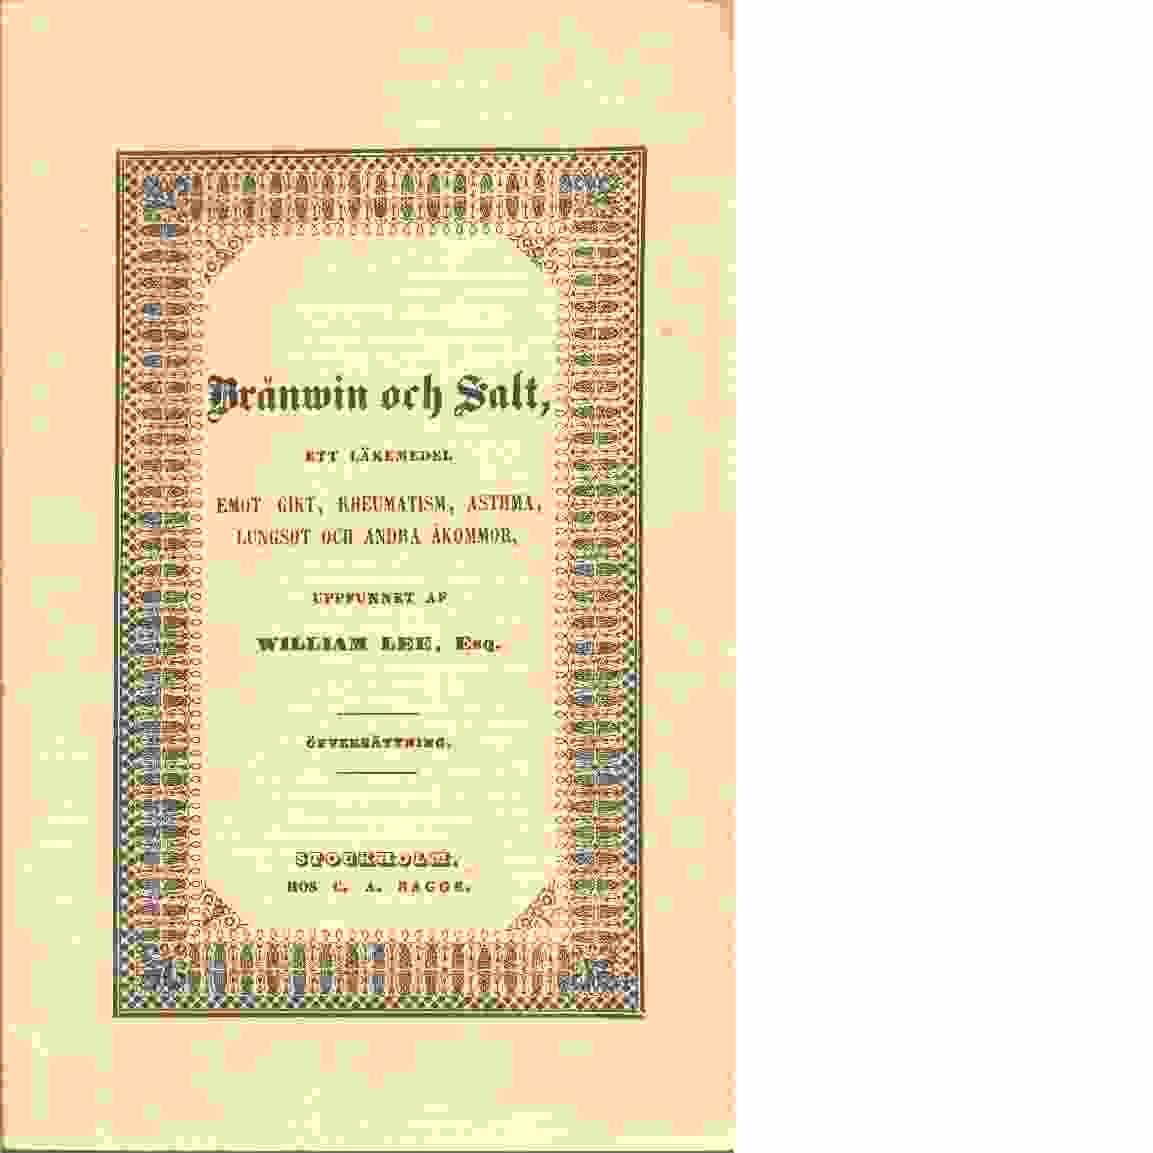 Bränvin och salt - Vallance, J. H.